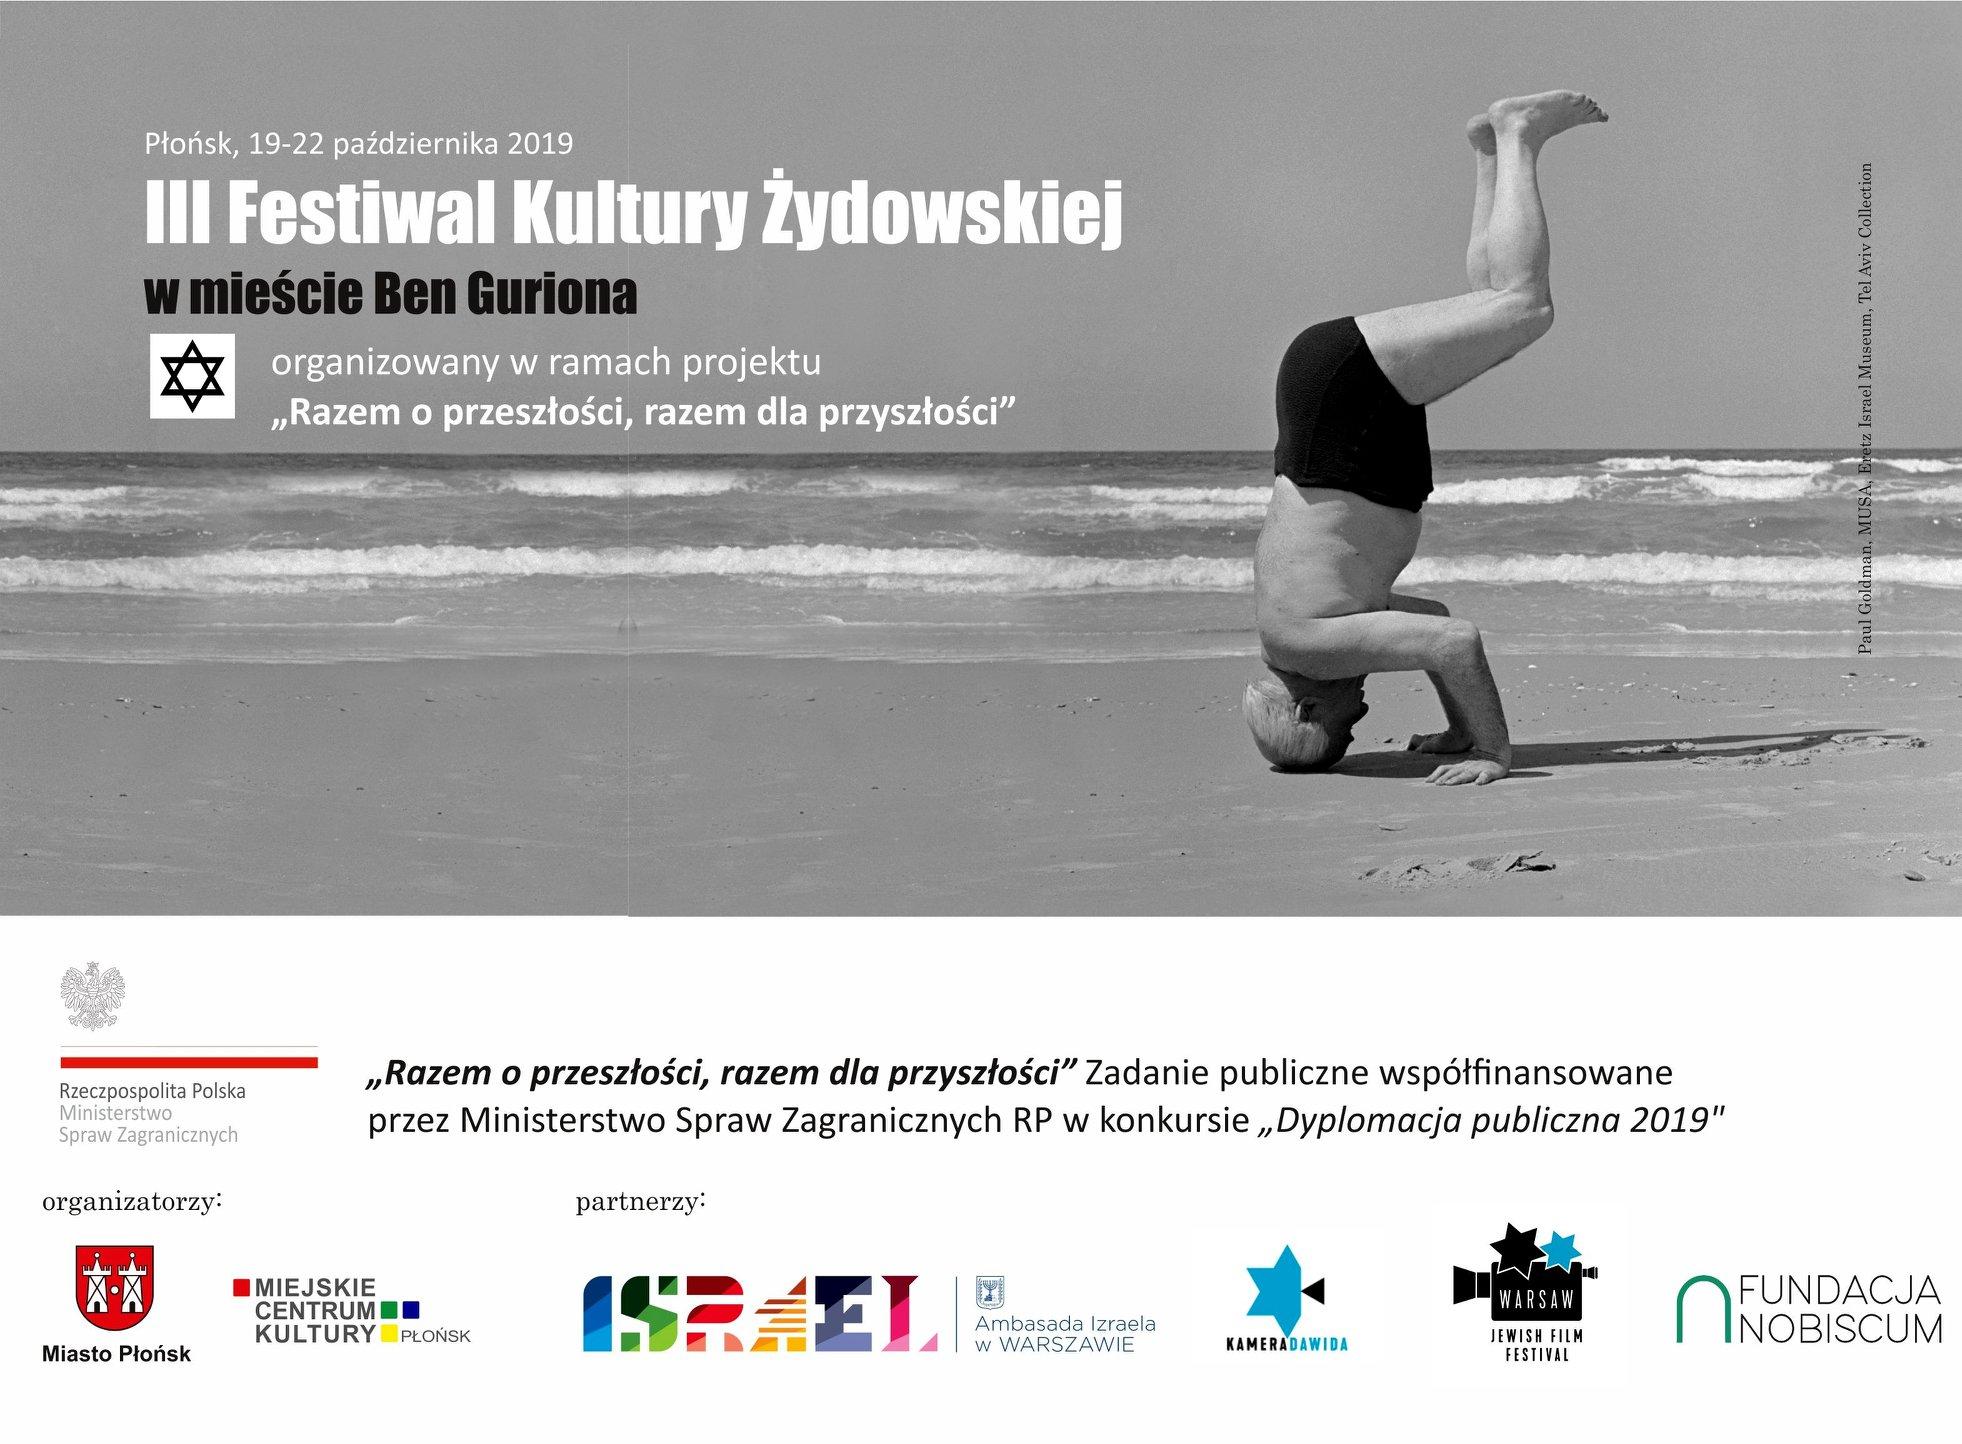 III Festiwal Kultury Żydowskiej w mieście Ben Guriona - zaproszenie, Fundacja Nobiscum